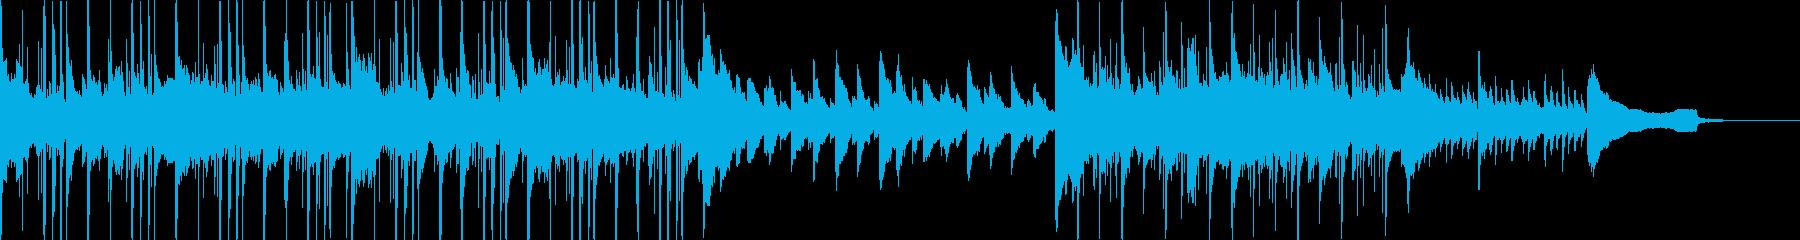 水々しいピアノの美しいエレクトロの再生済みの波形